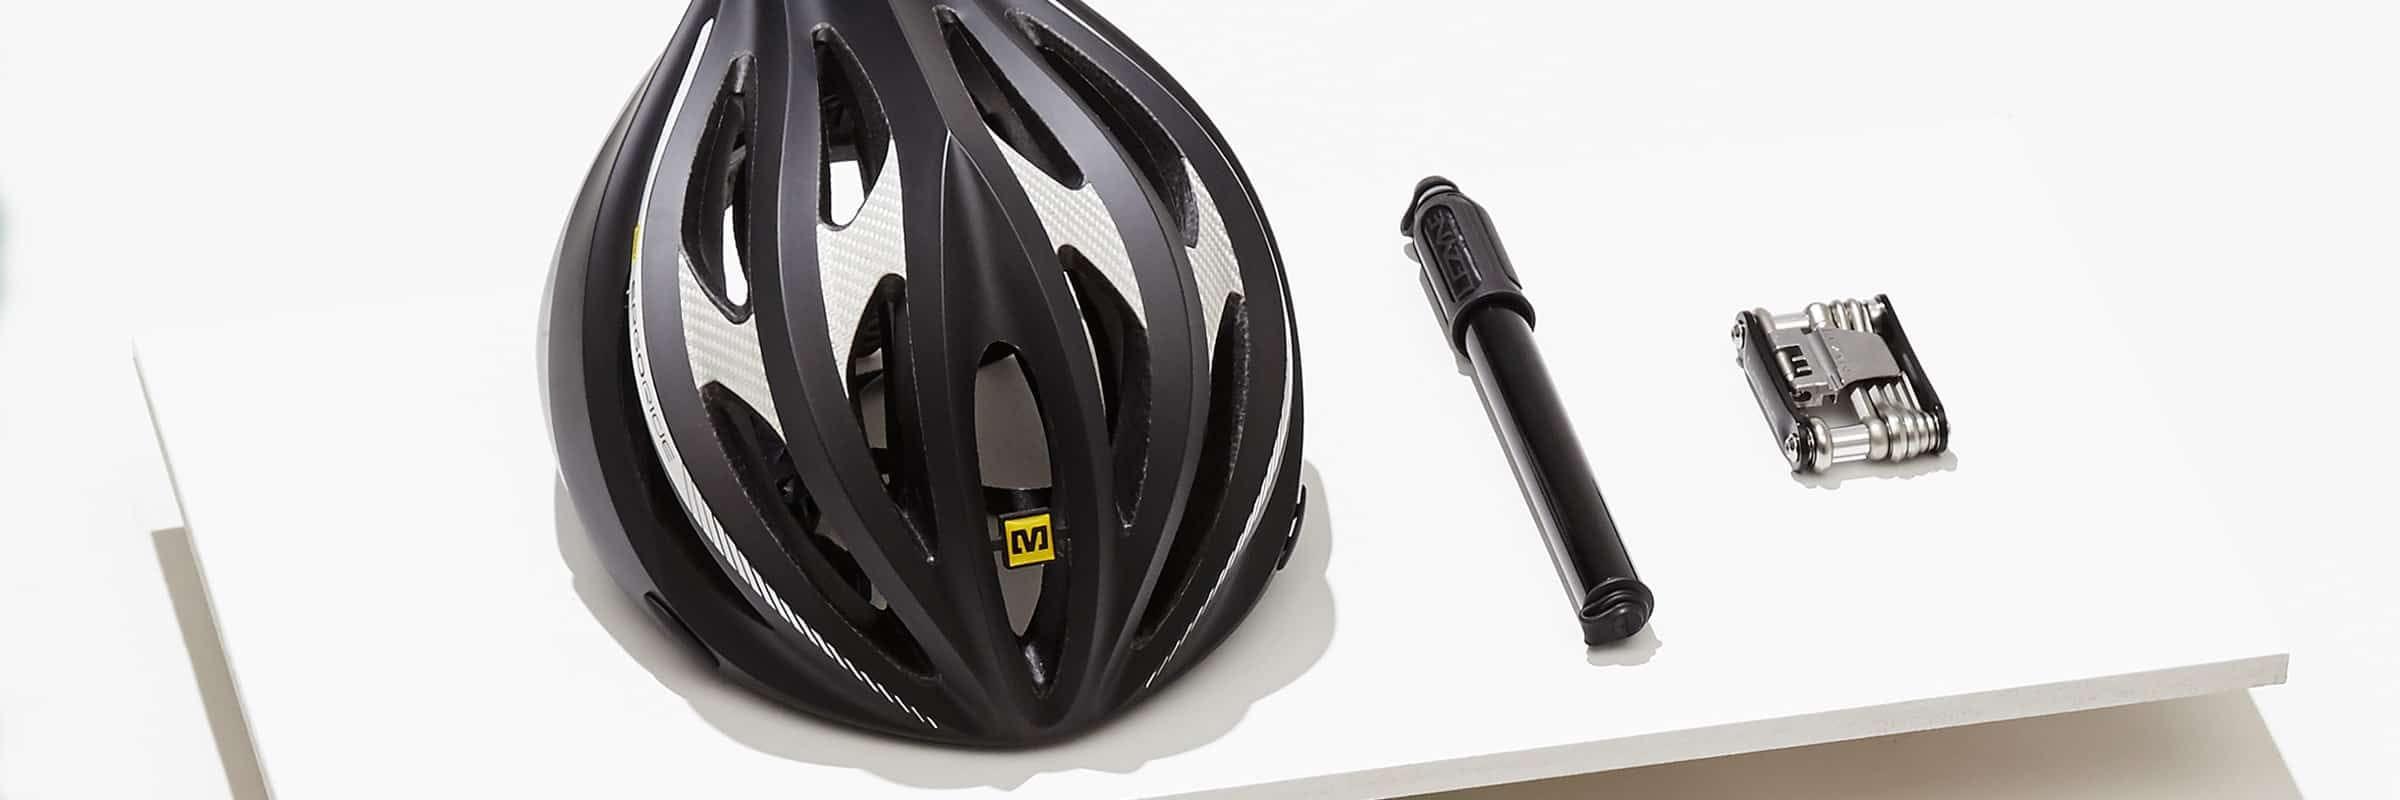 Comment choisir un casque de vélo avant que ça cogne